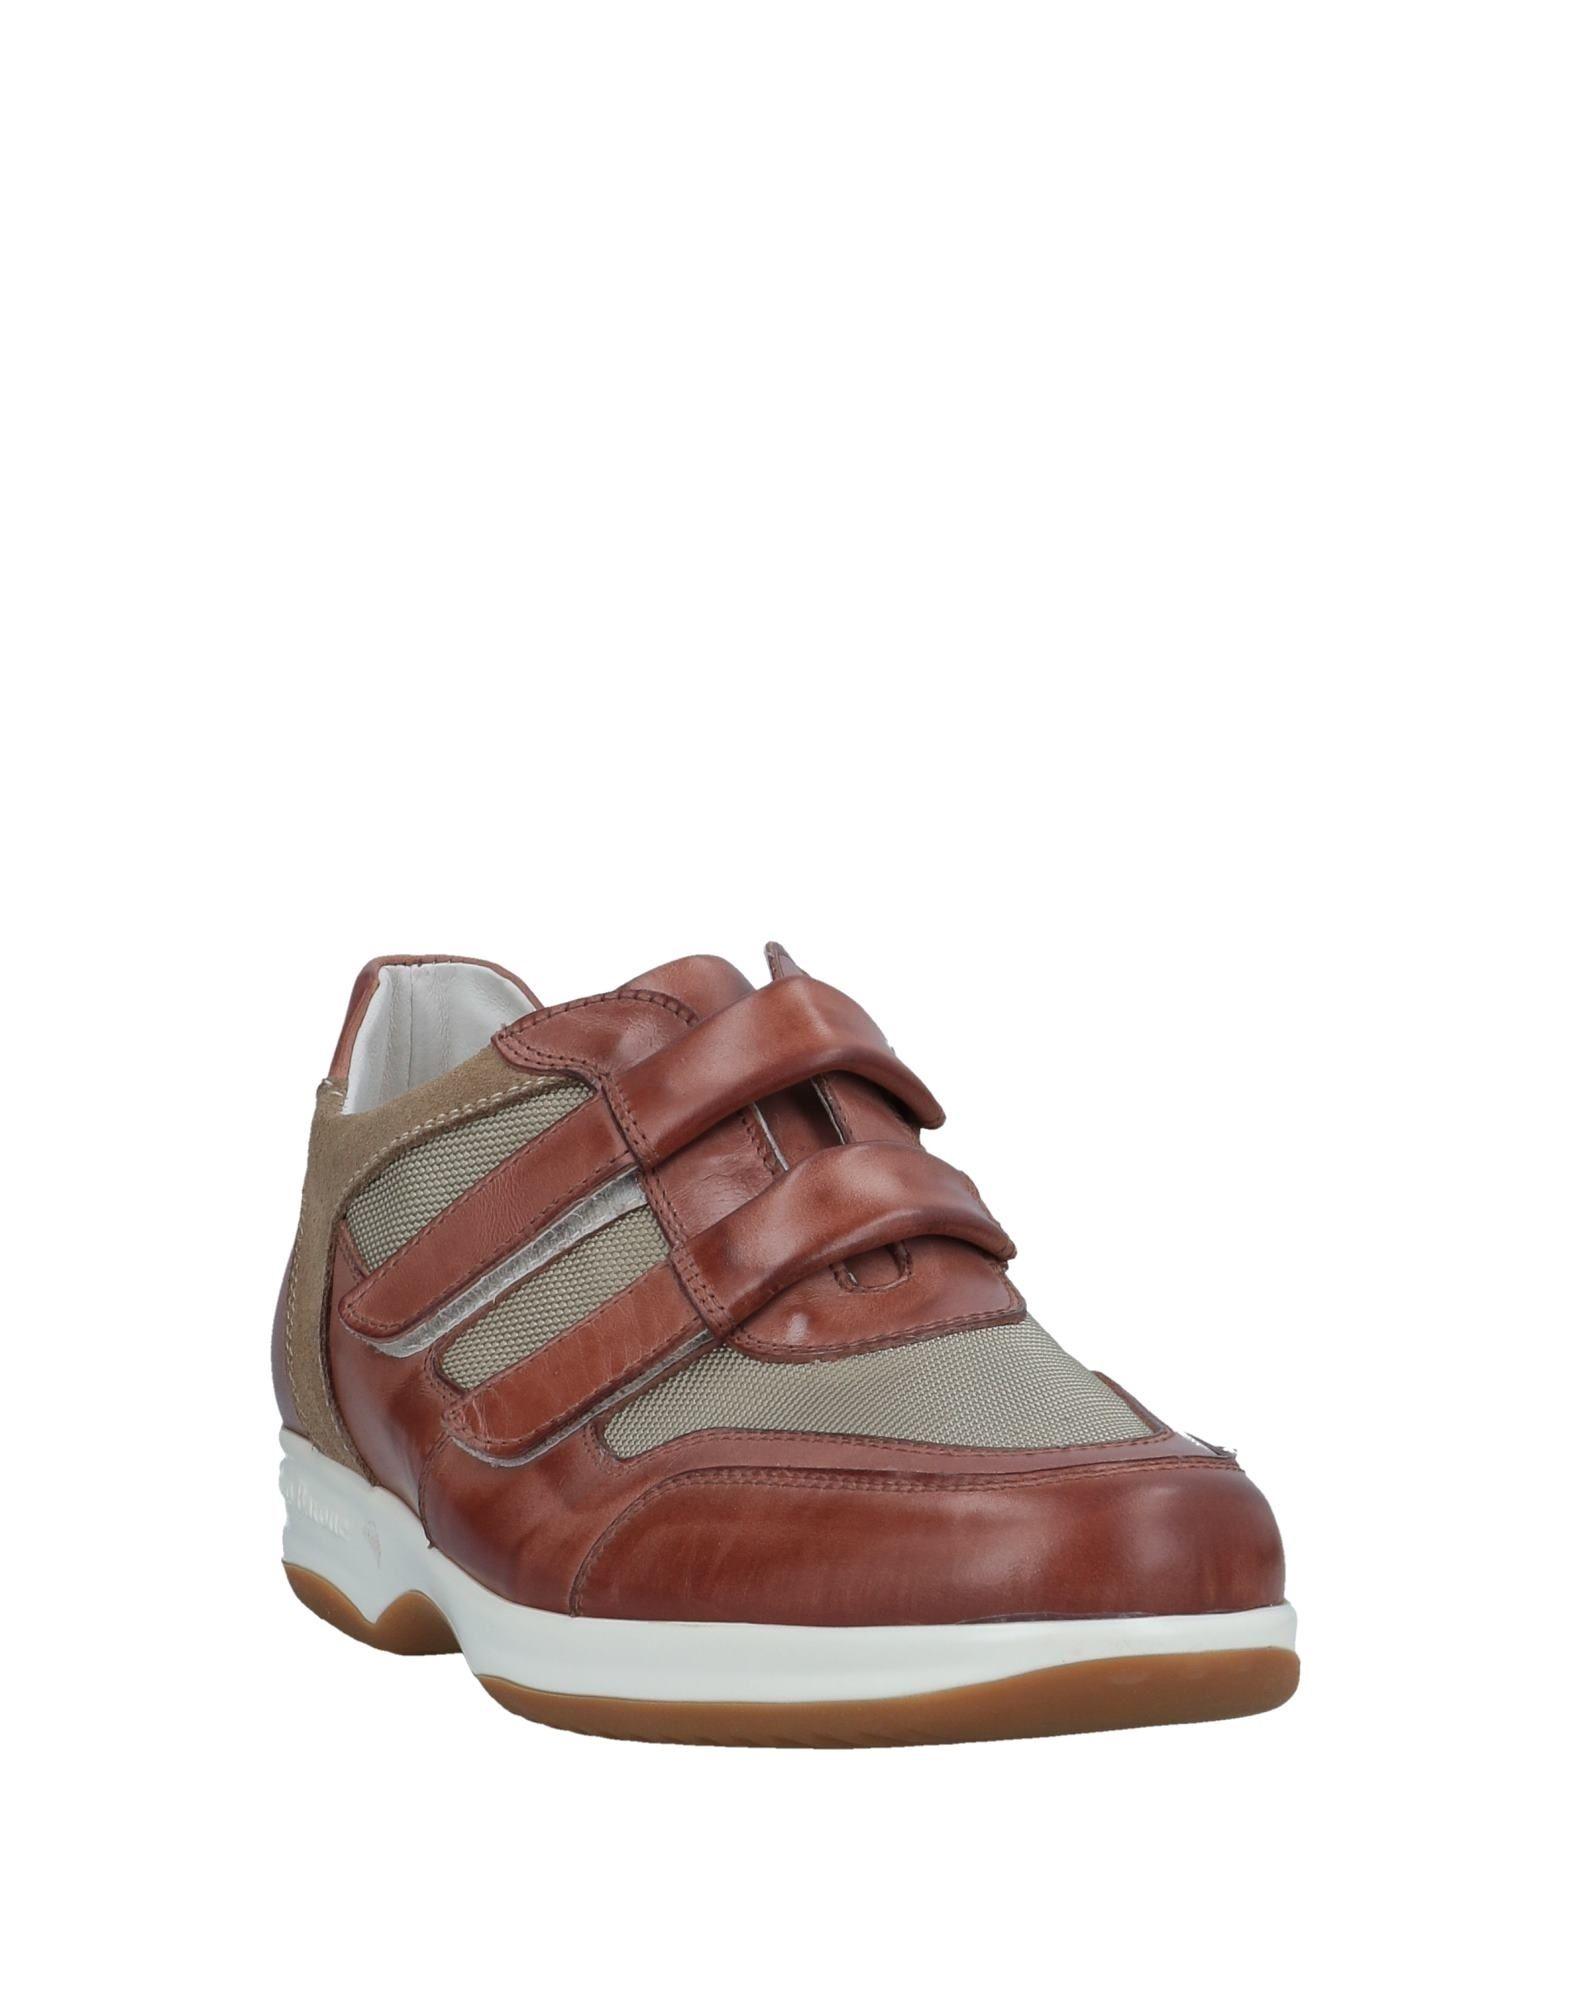 Rabatt Sneakers echte Schuhe Salvo Barone Sneakers Rabatt Herren  11555976AR 81e5b1